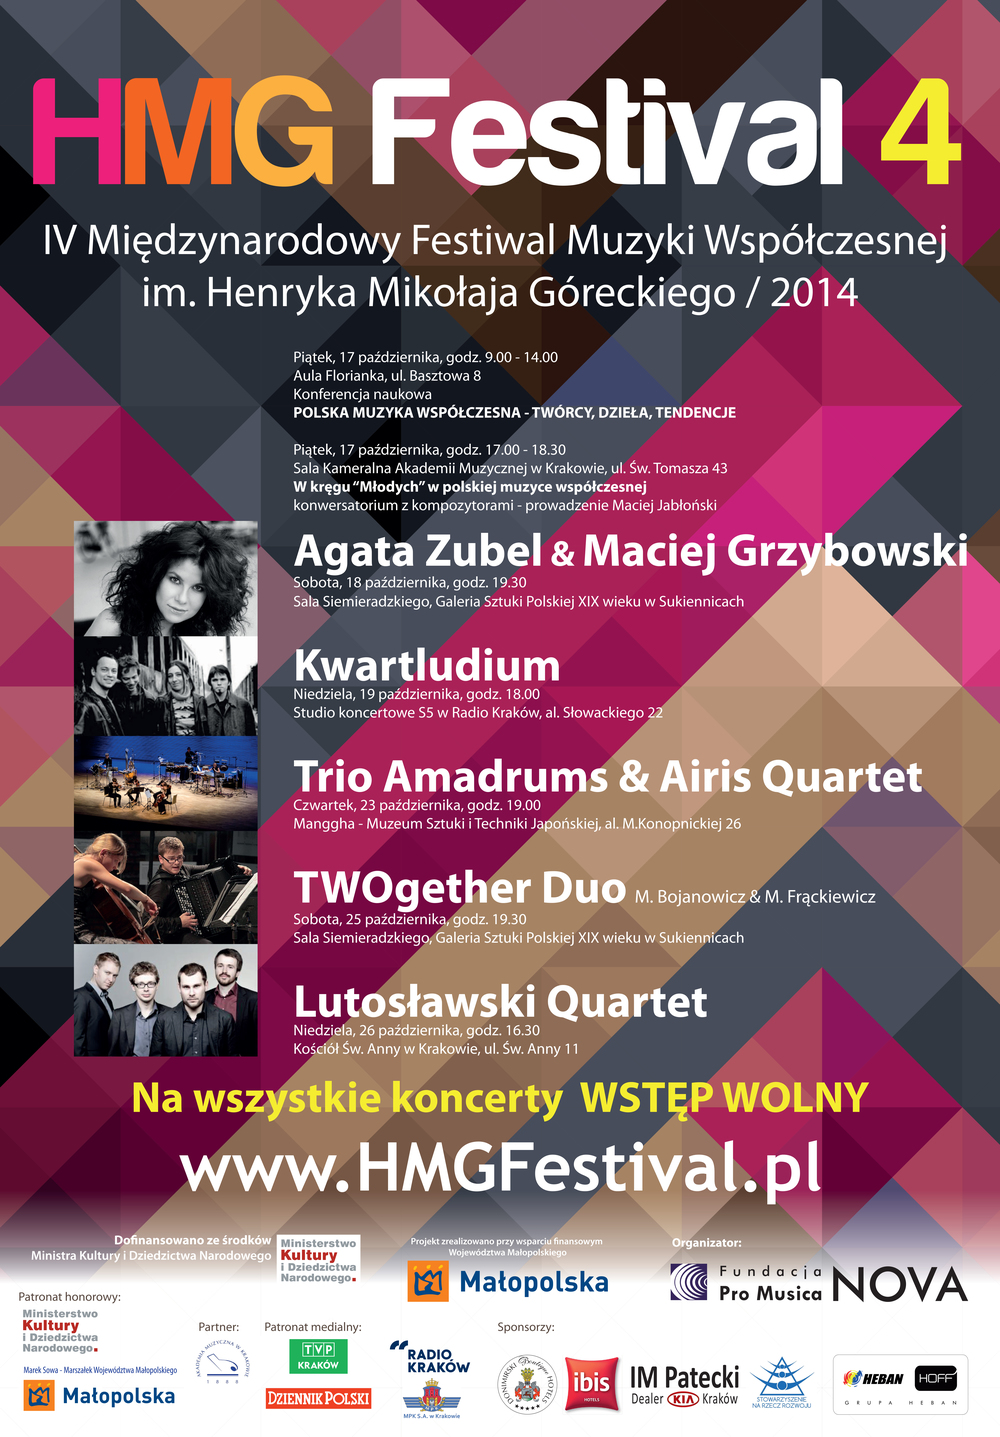 2014 HMG Festival.jpg